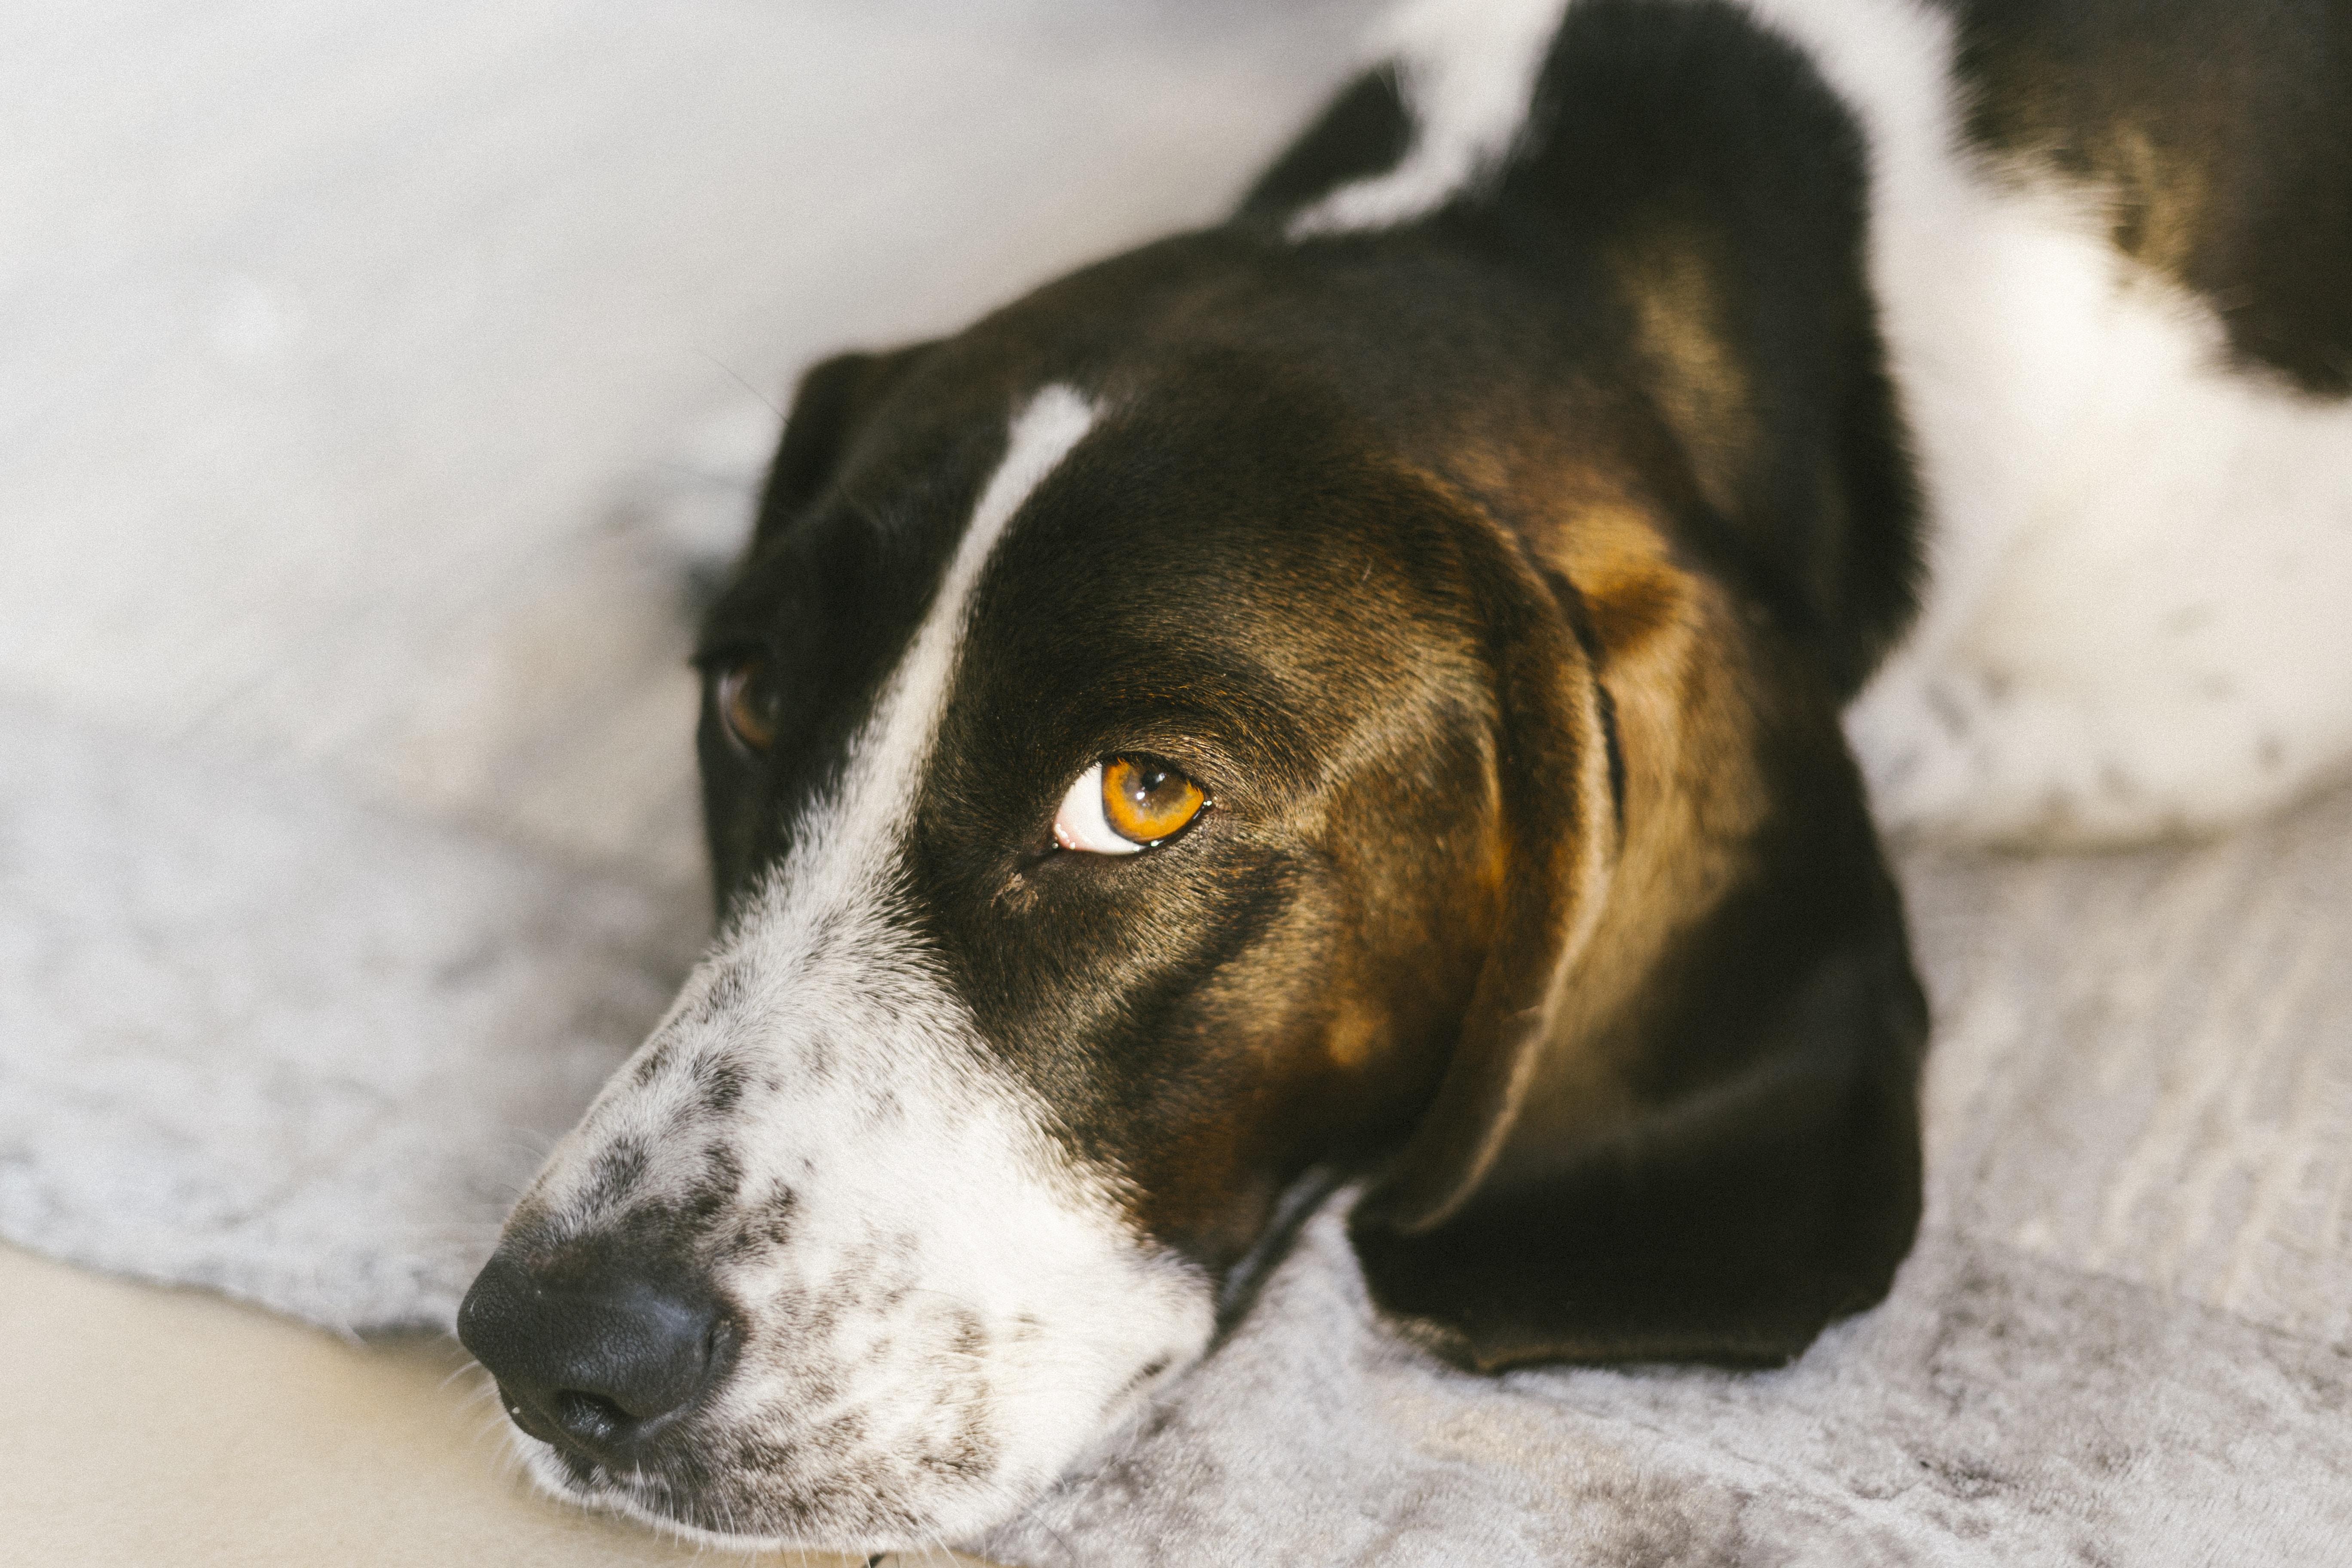 white and black dog on white rug